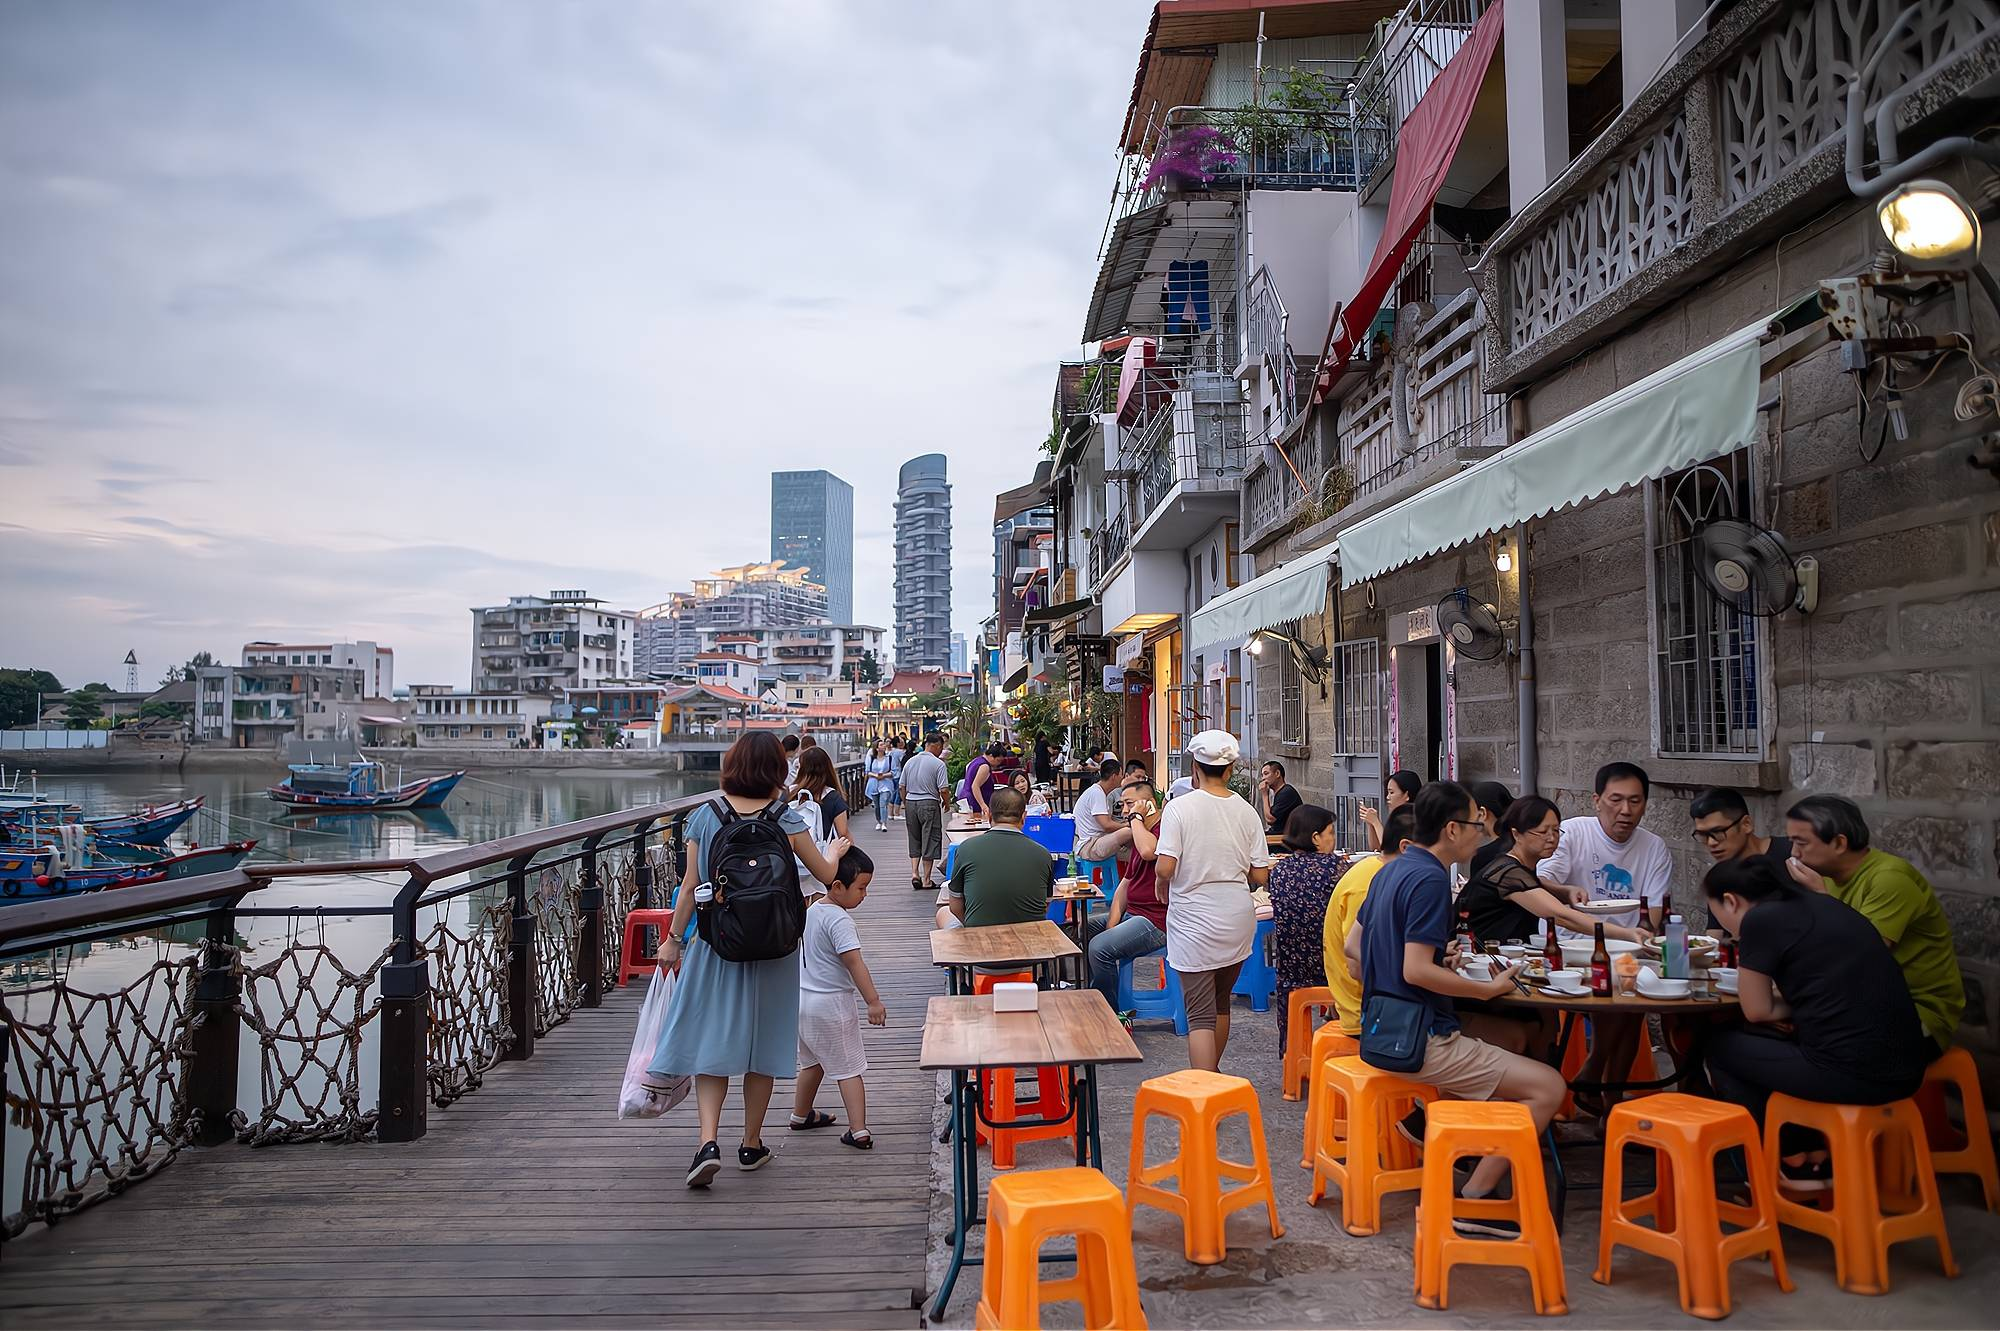 原创             十一去厦门旅游,最值得打卡的5大景点,错过一个都会觉得可惜